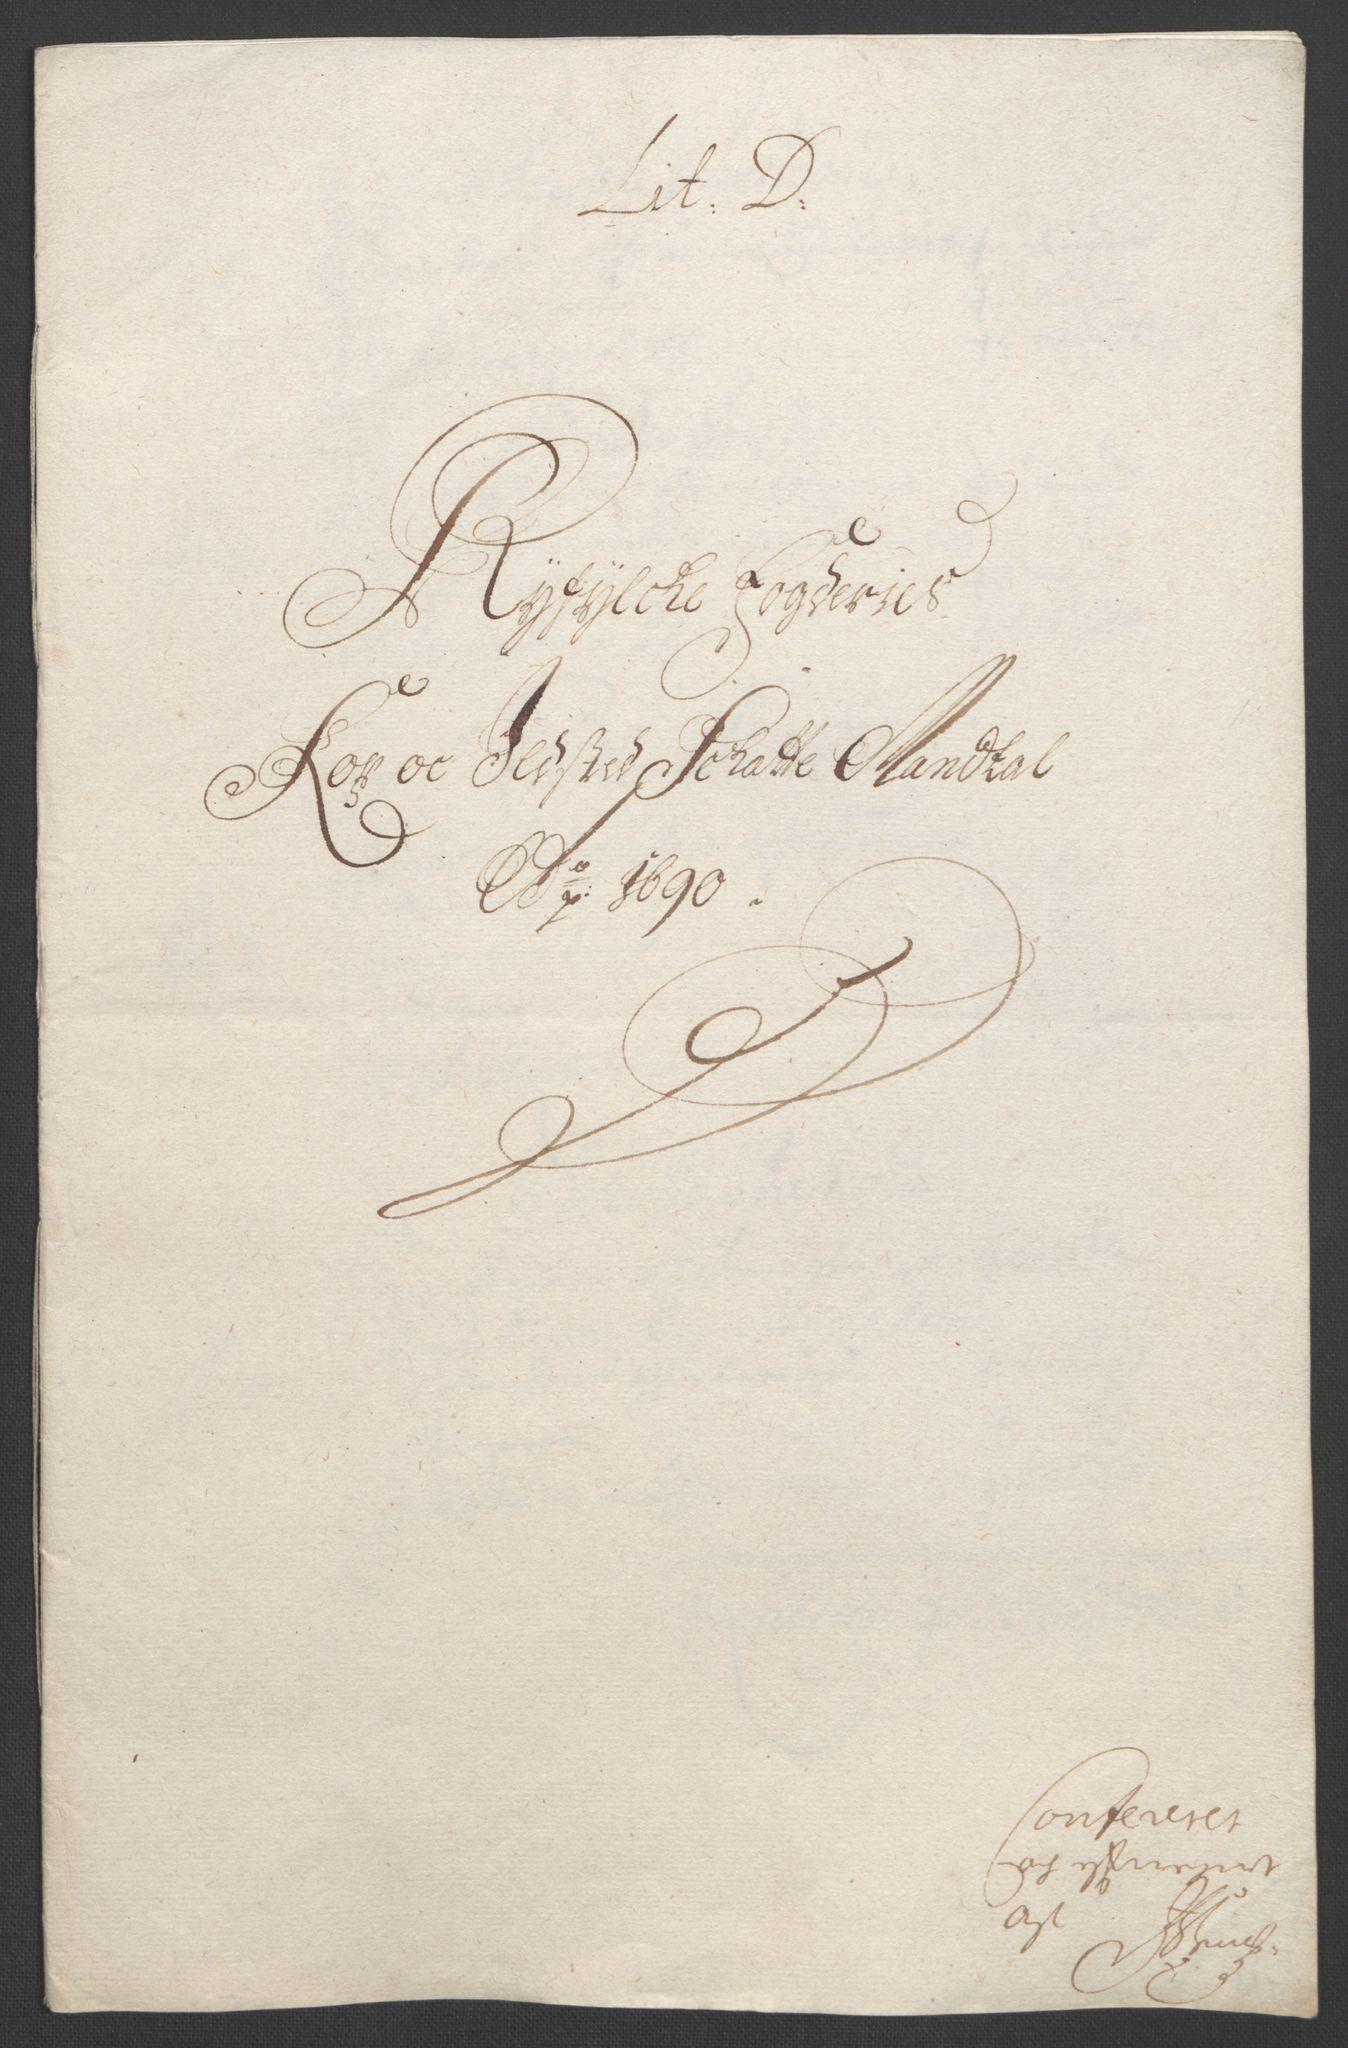 RA, Rentekammeret inntil 1814, Reviderte regnskaper, Fogderegnskap, R47/L2856: Fogderegnskap Ryfylke, 1689-1693, s. 203